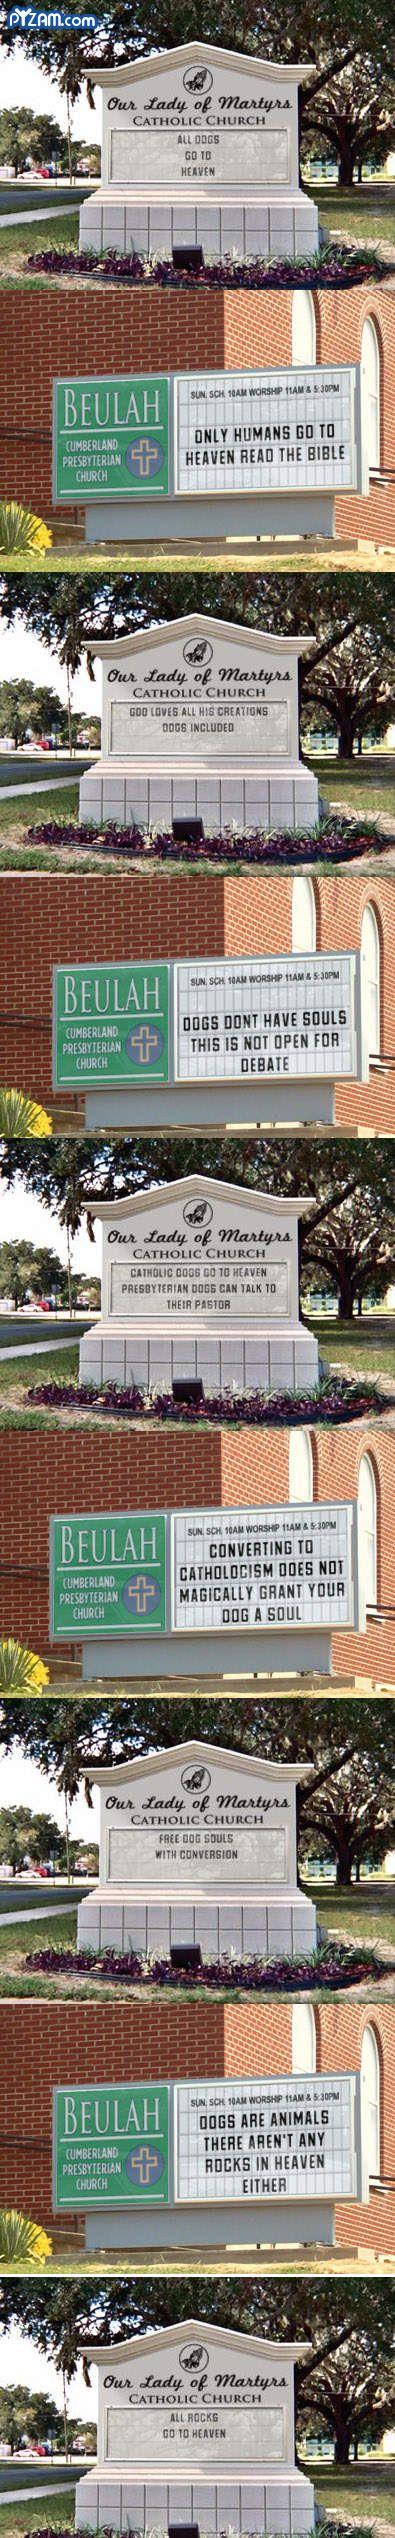 church sign wars